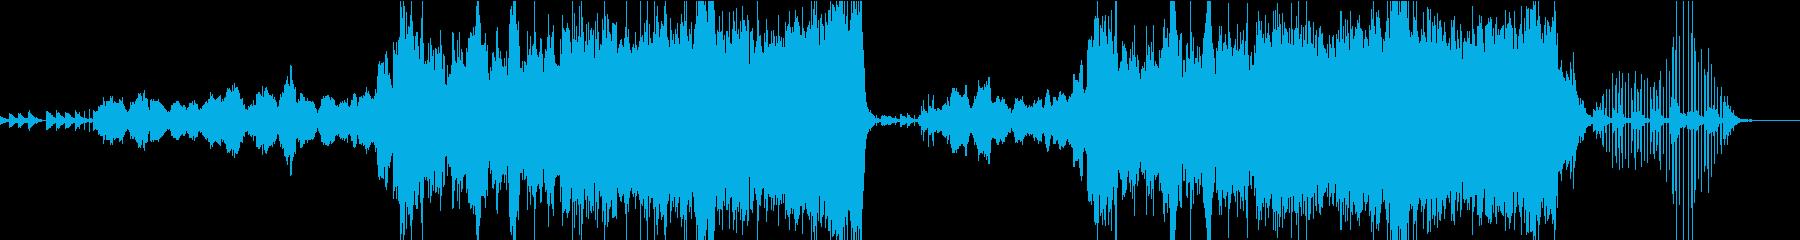 卒業間近の学校をイメージした曲の再生済みの波形